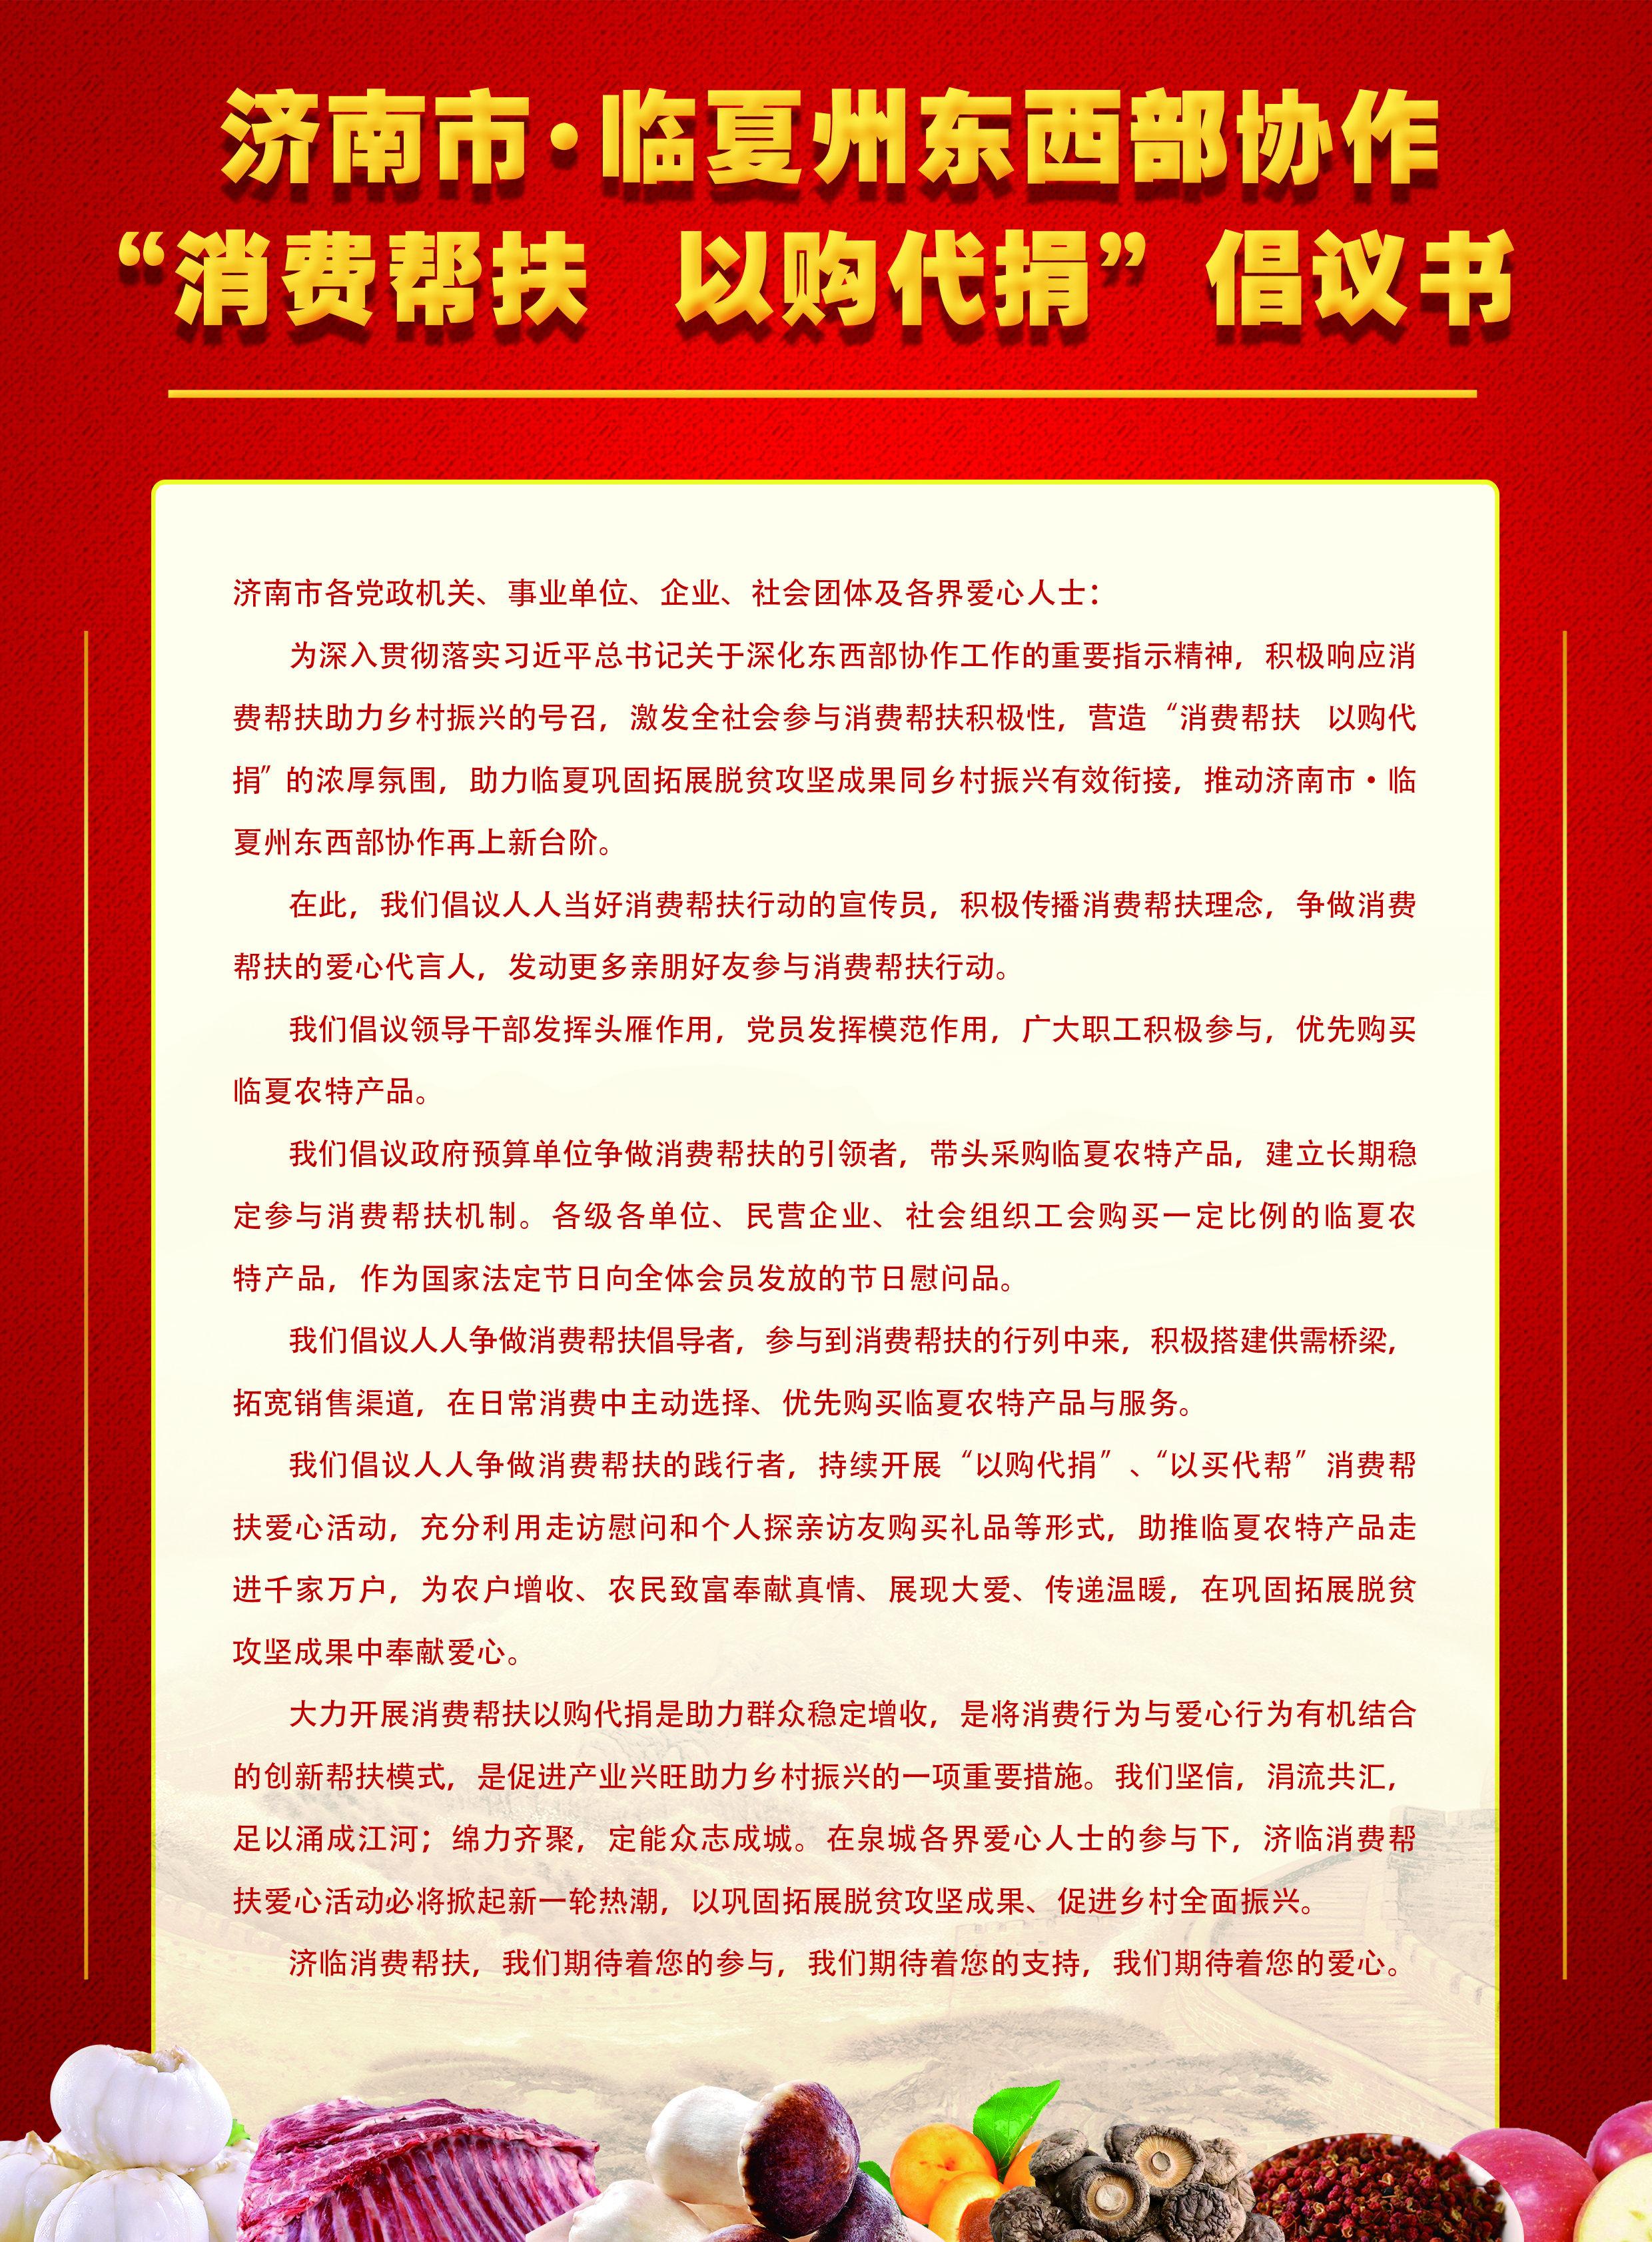 """济南市·临夏州东西部协作""""消费帮扶 以购代捐""""倡议书请您查收"""